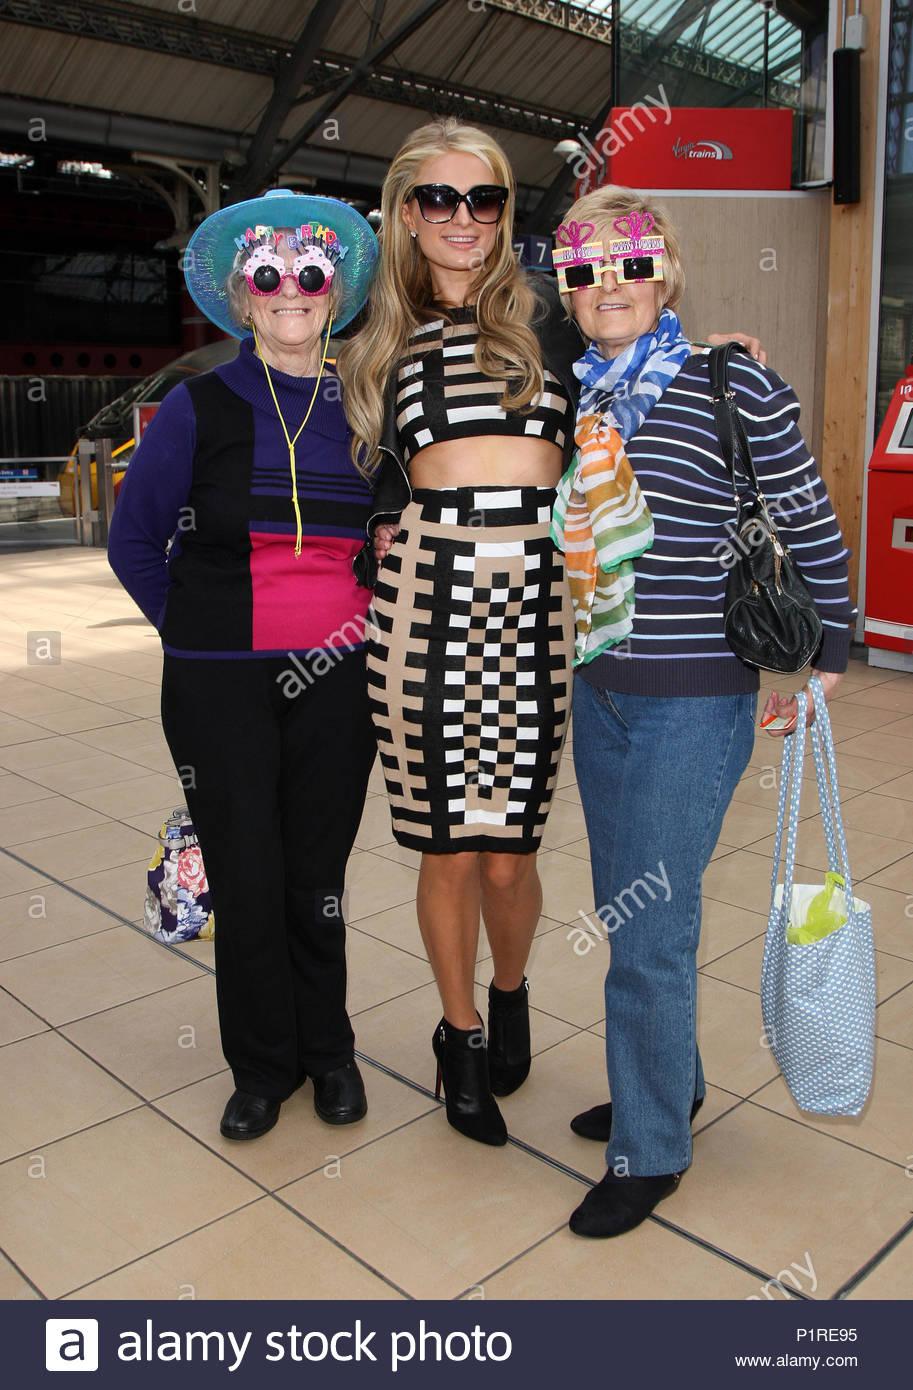 Paris Hilton Paris Hilton Meets Fans And A Group Of Fun Oaps At